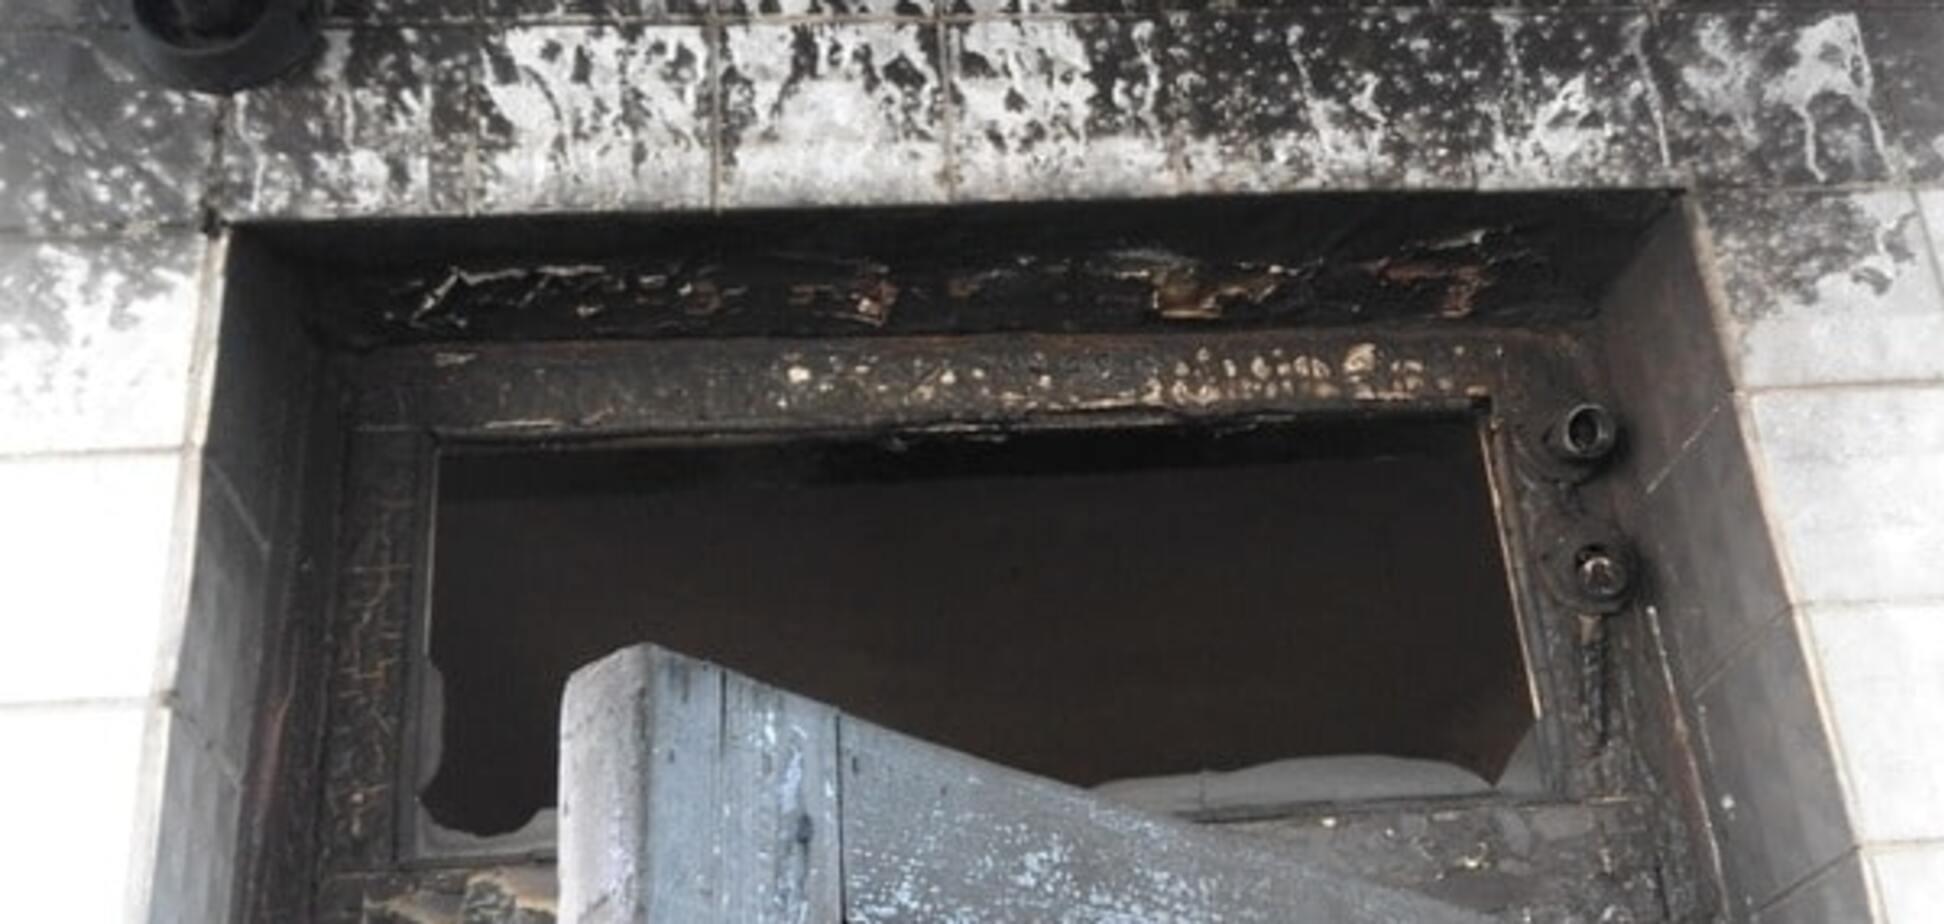 Під Києвом підпалили будівлю селищної адміністрації: опубліковано фото